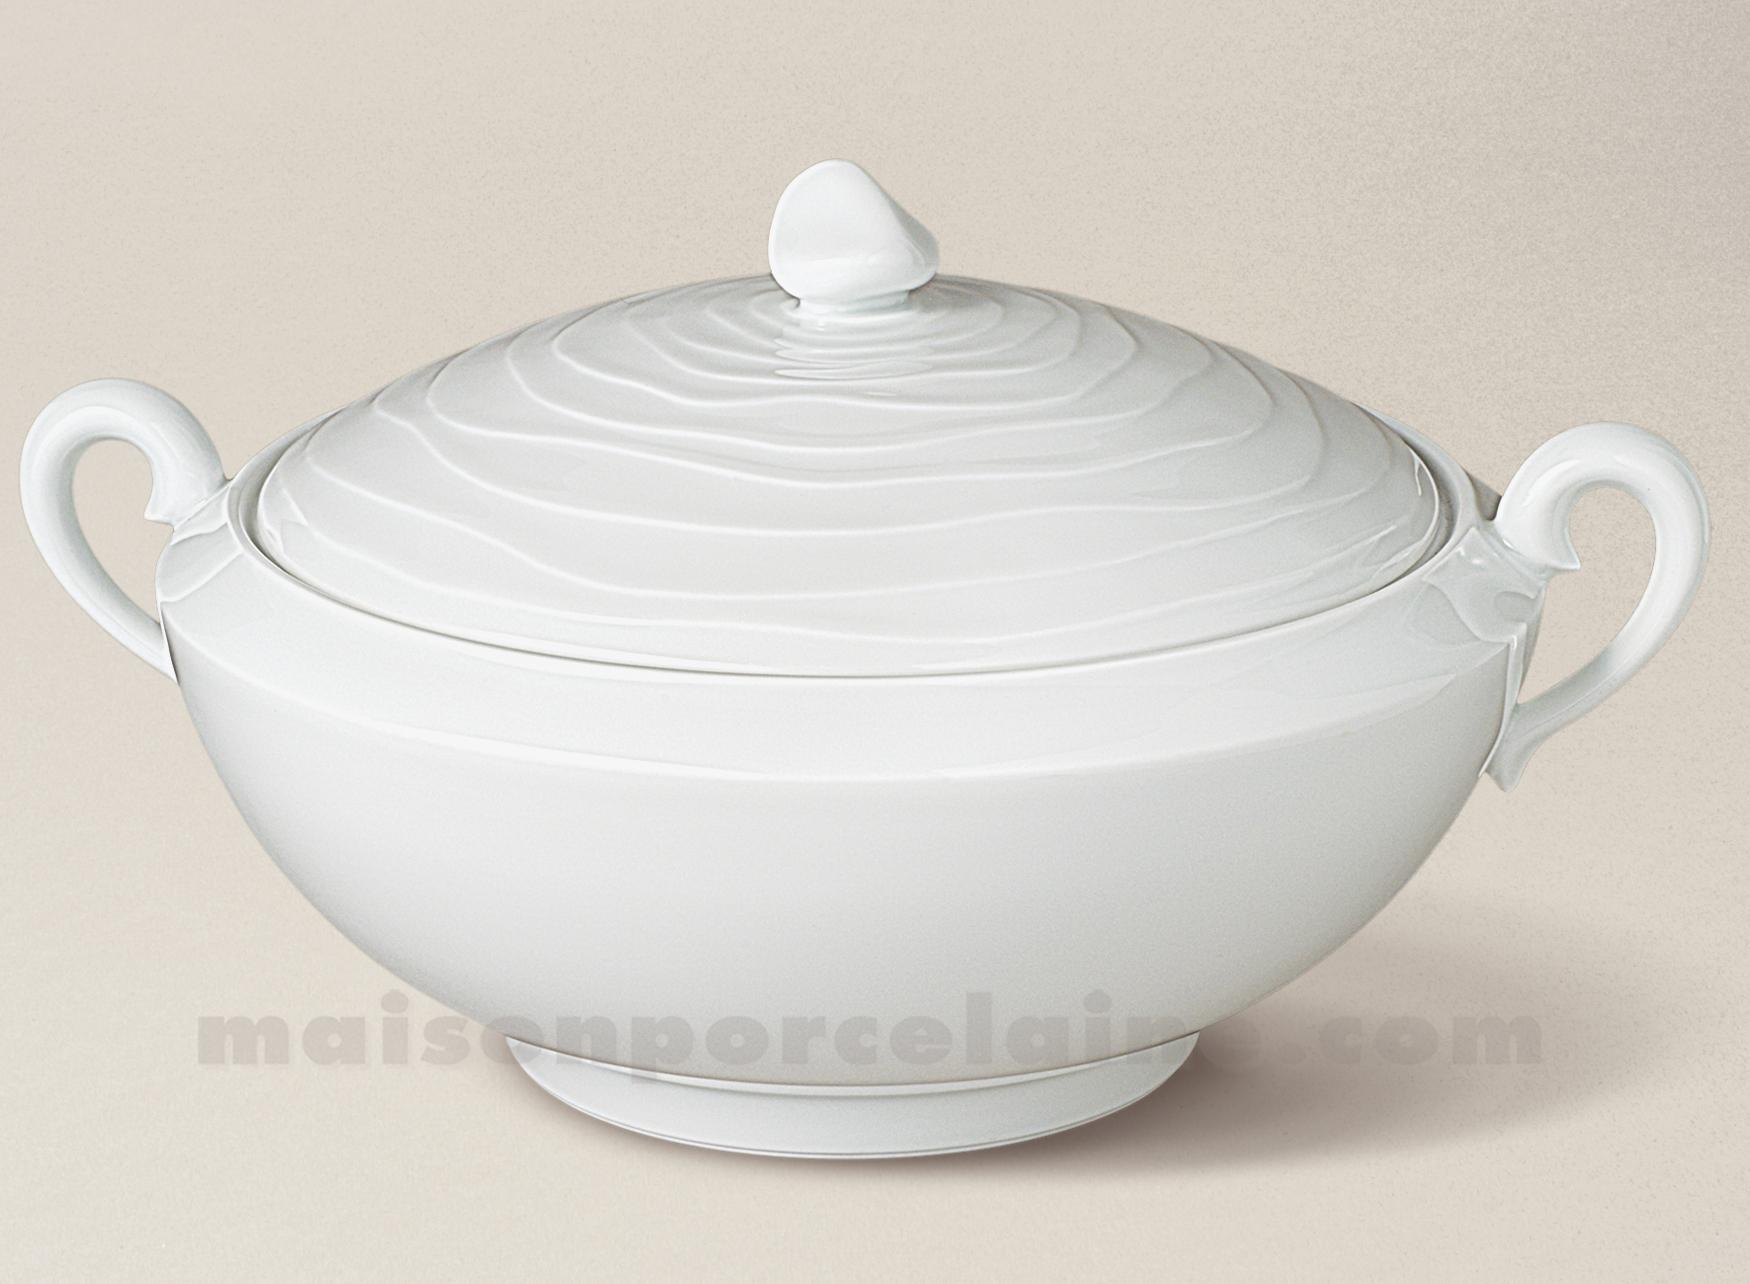 Soupiere limoges porcelaine blanche onde gravee for Maison de la porcelaine